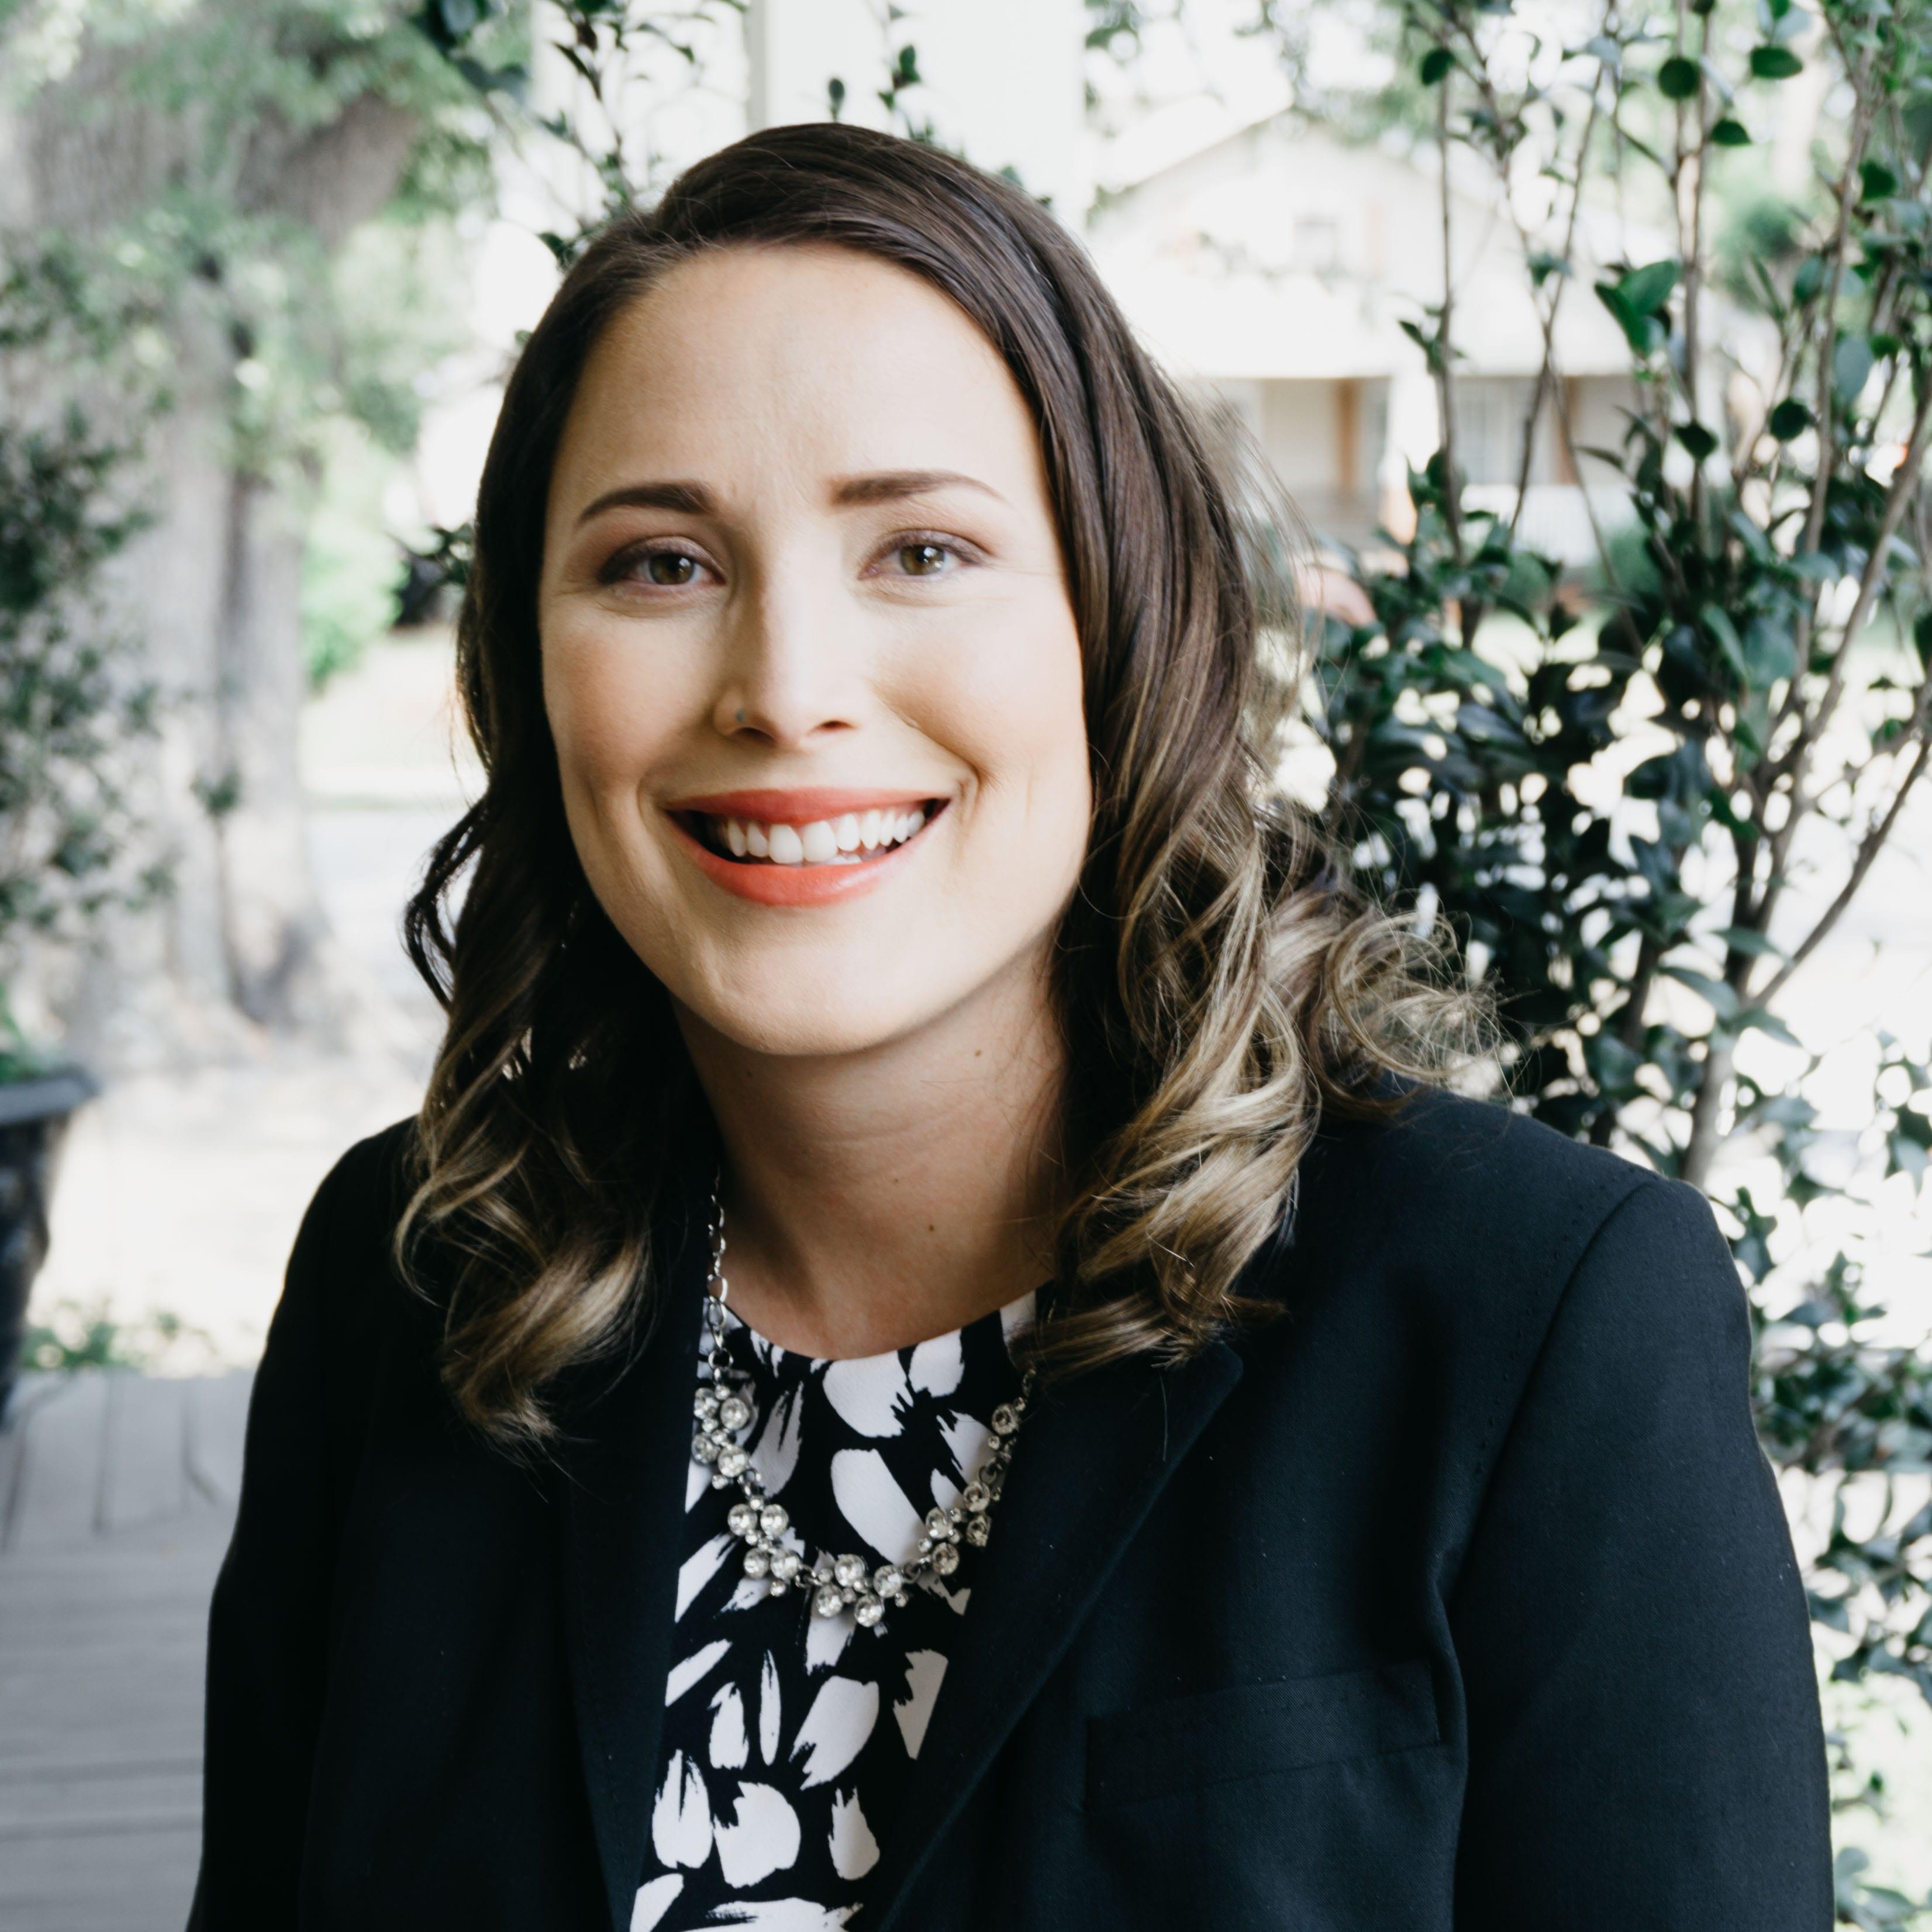 Jessica Idlett Lawyer & Partner of Beauchamp & Idlett.